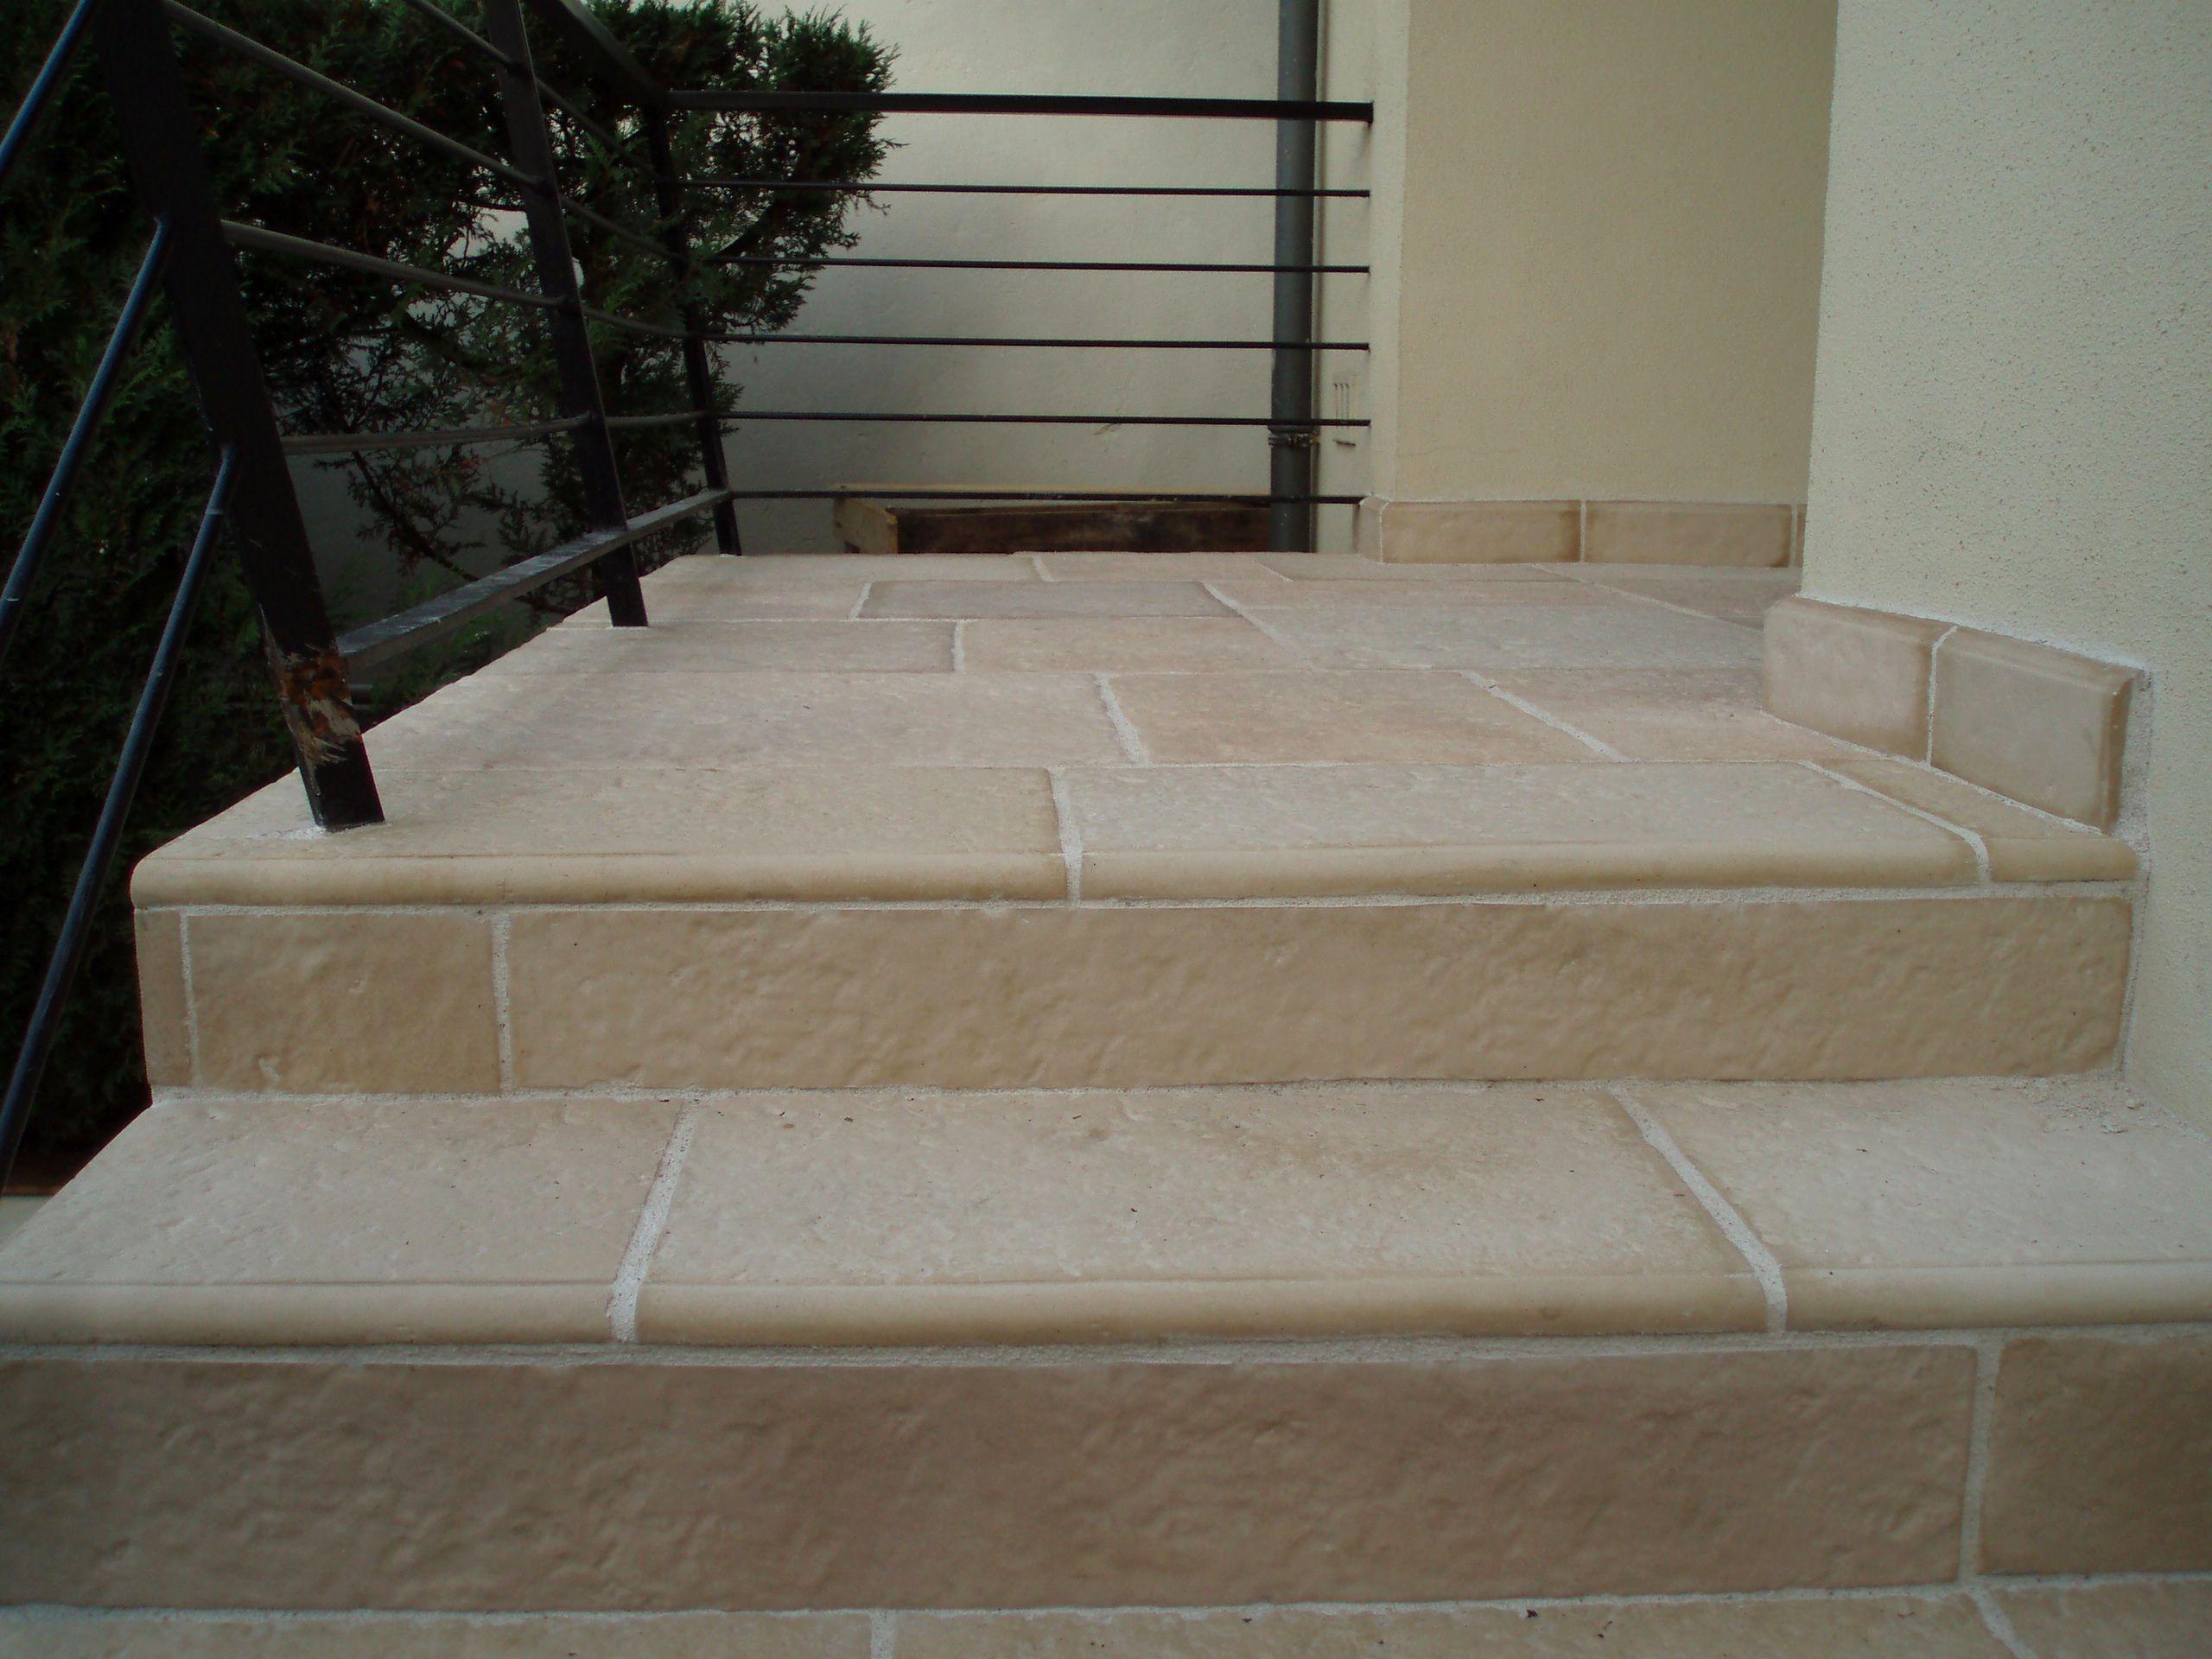 Marche Escalier En Pierre Reconstituee Beton Prefabrique Decoratif Modele Altar Contremarche Escalier Alta Beton Prefabrique Escalier En Pierre Prefabrique